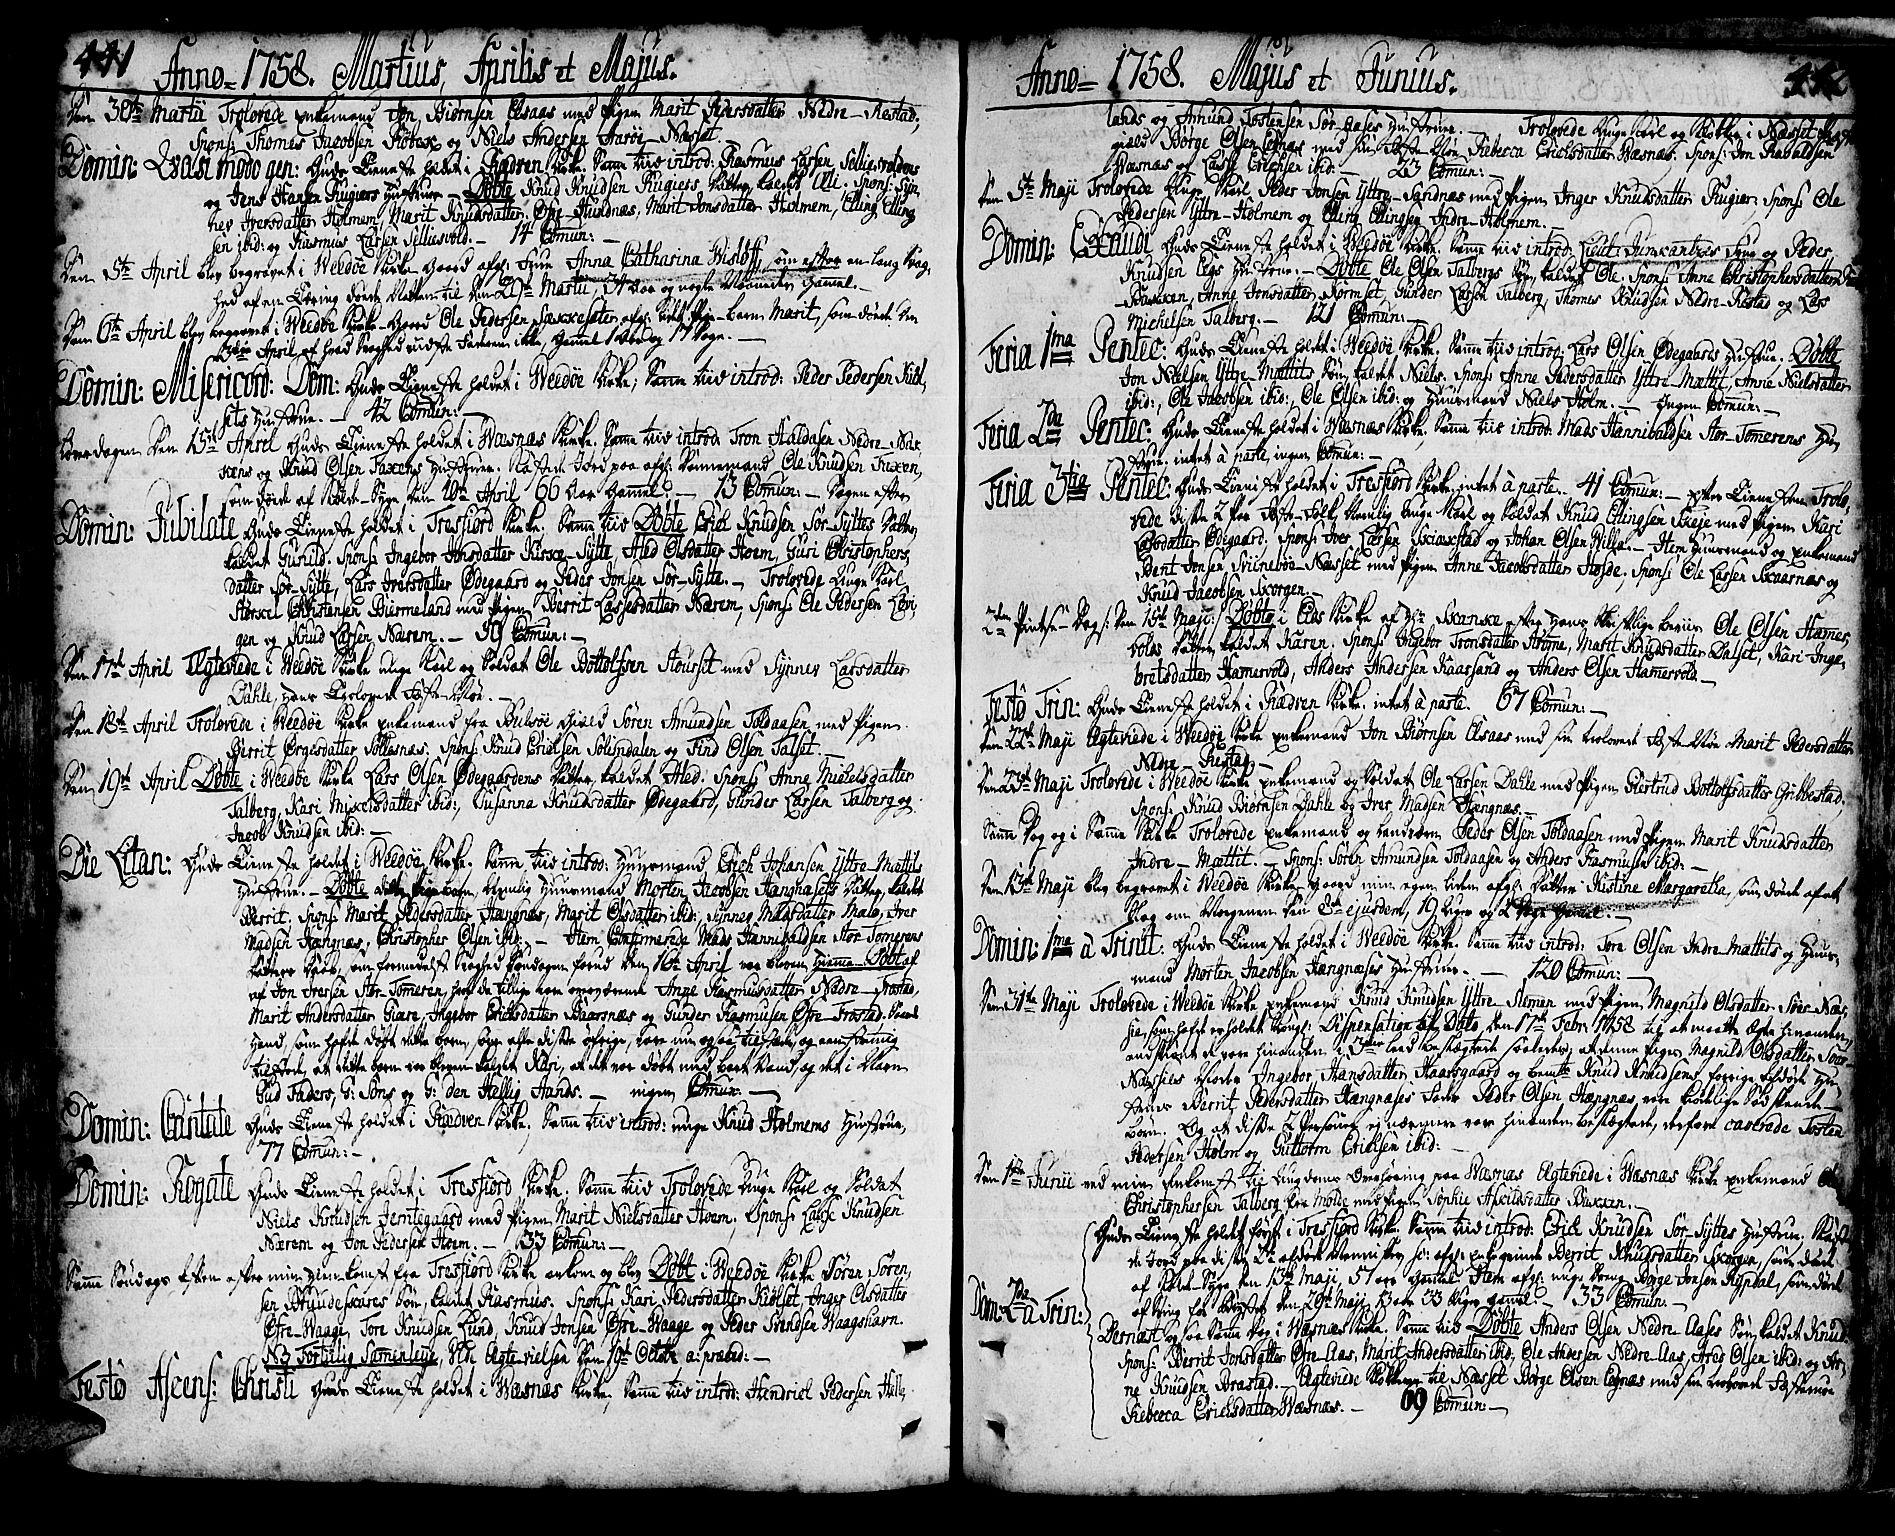 SAT, Ministerialprotokoller, klokkerbøker og fødselsregistre - Møre og Romsdal, 547/L0599: Ministerialbok nr. 547A01, 1721-1764, s. 441-442